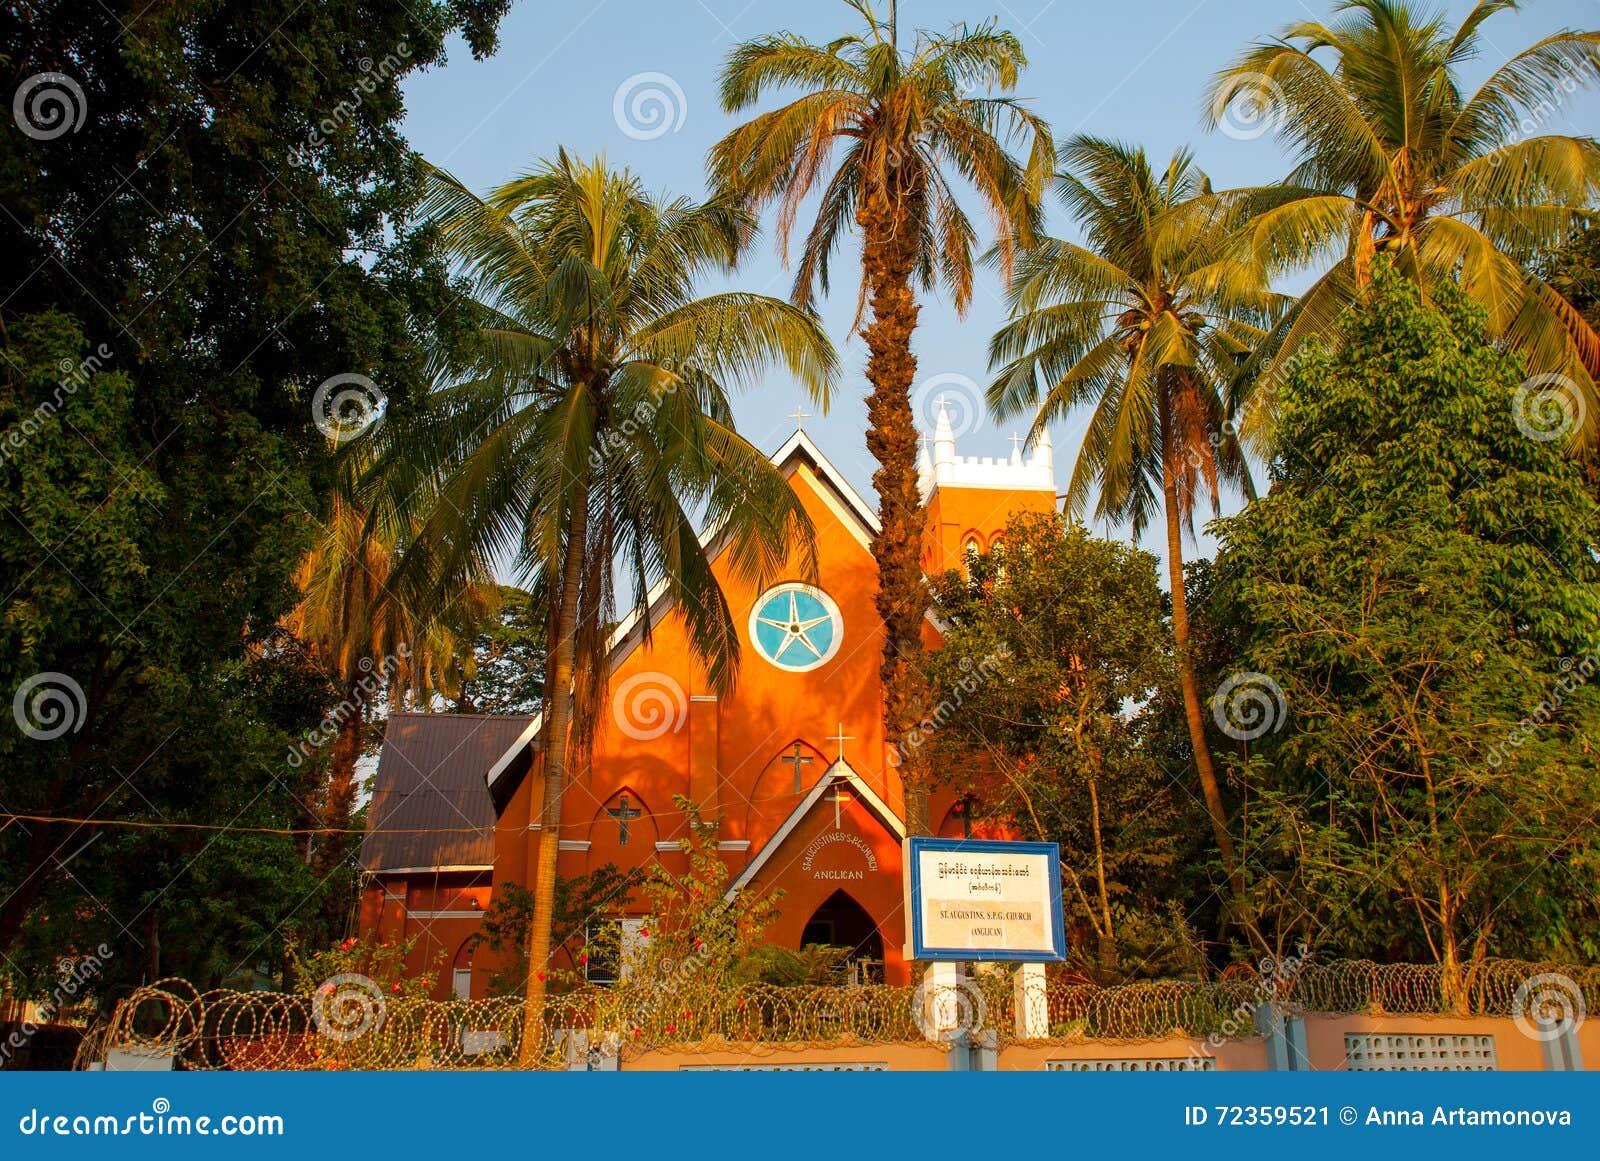 宽容大教堂和棕榈树 毛淡棉 缅甸 缅甸